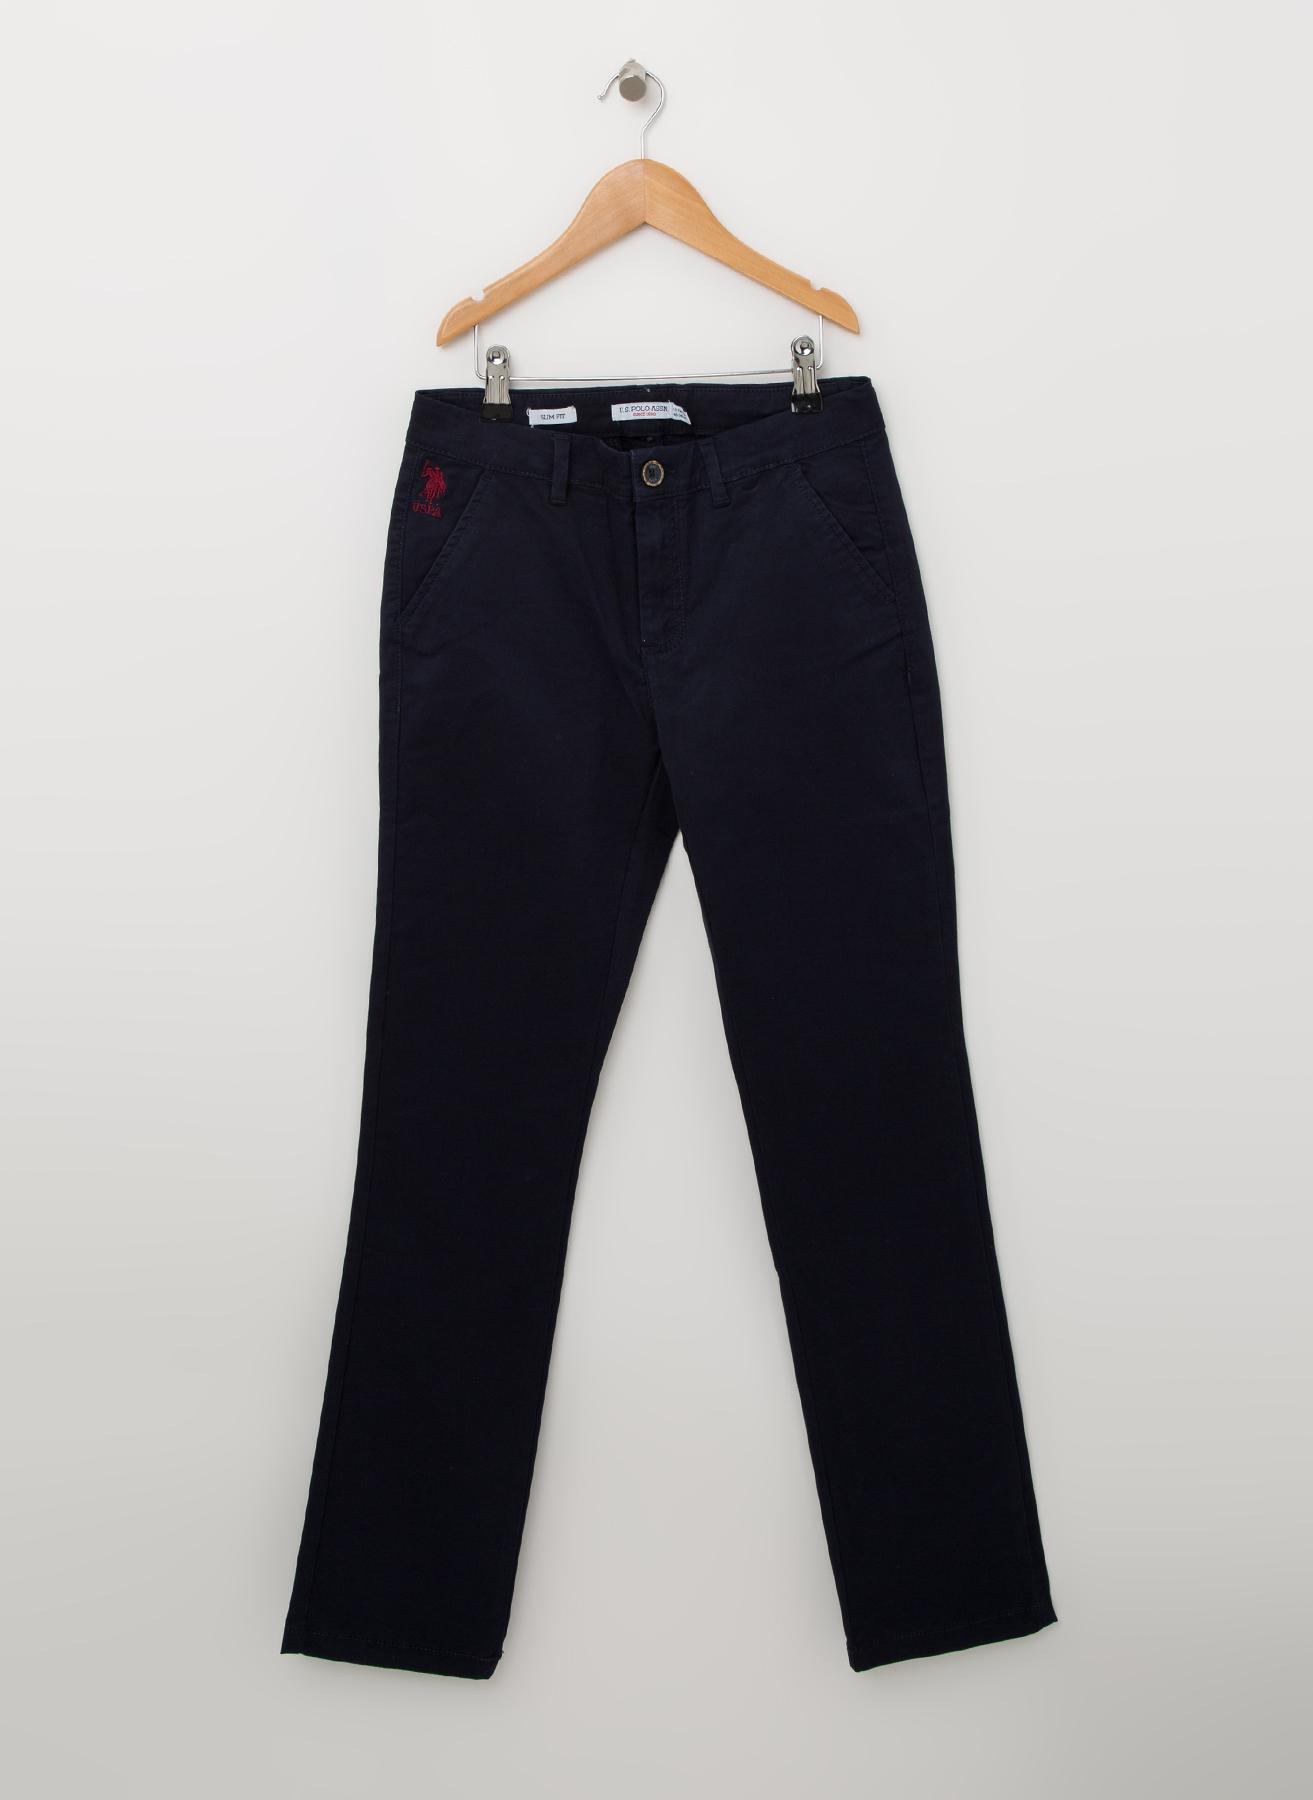 U.S. Polo Assn. Pantolon 6 Yaş 5001704575008 Ürün Resmi